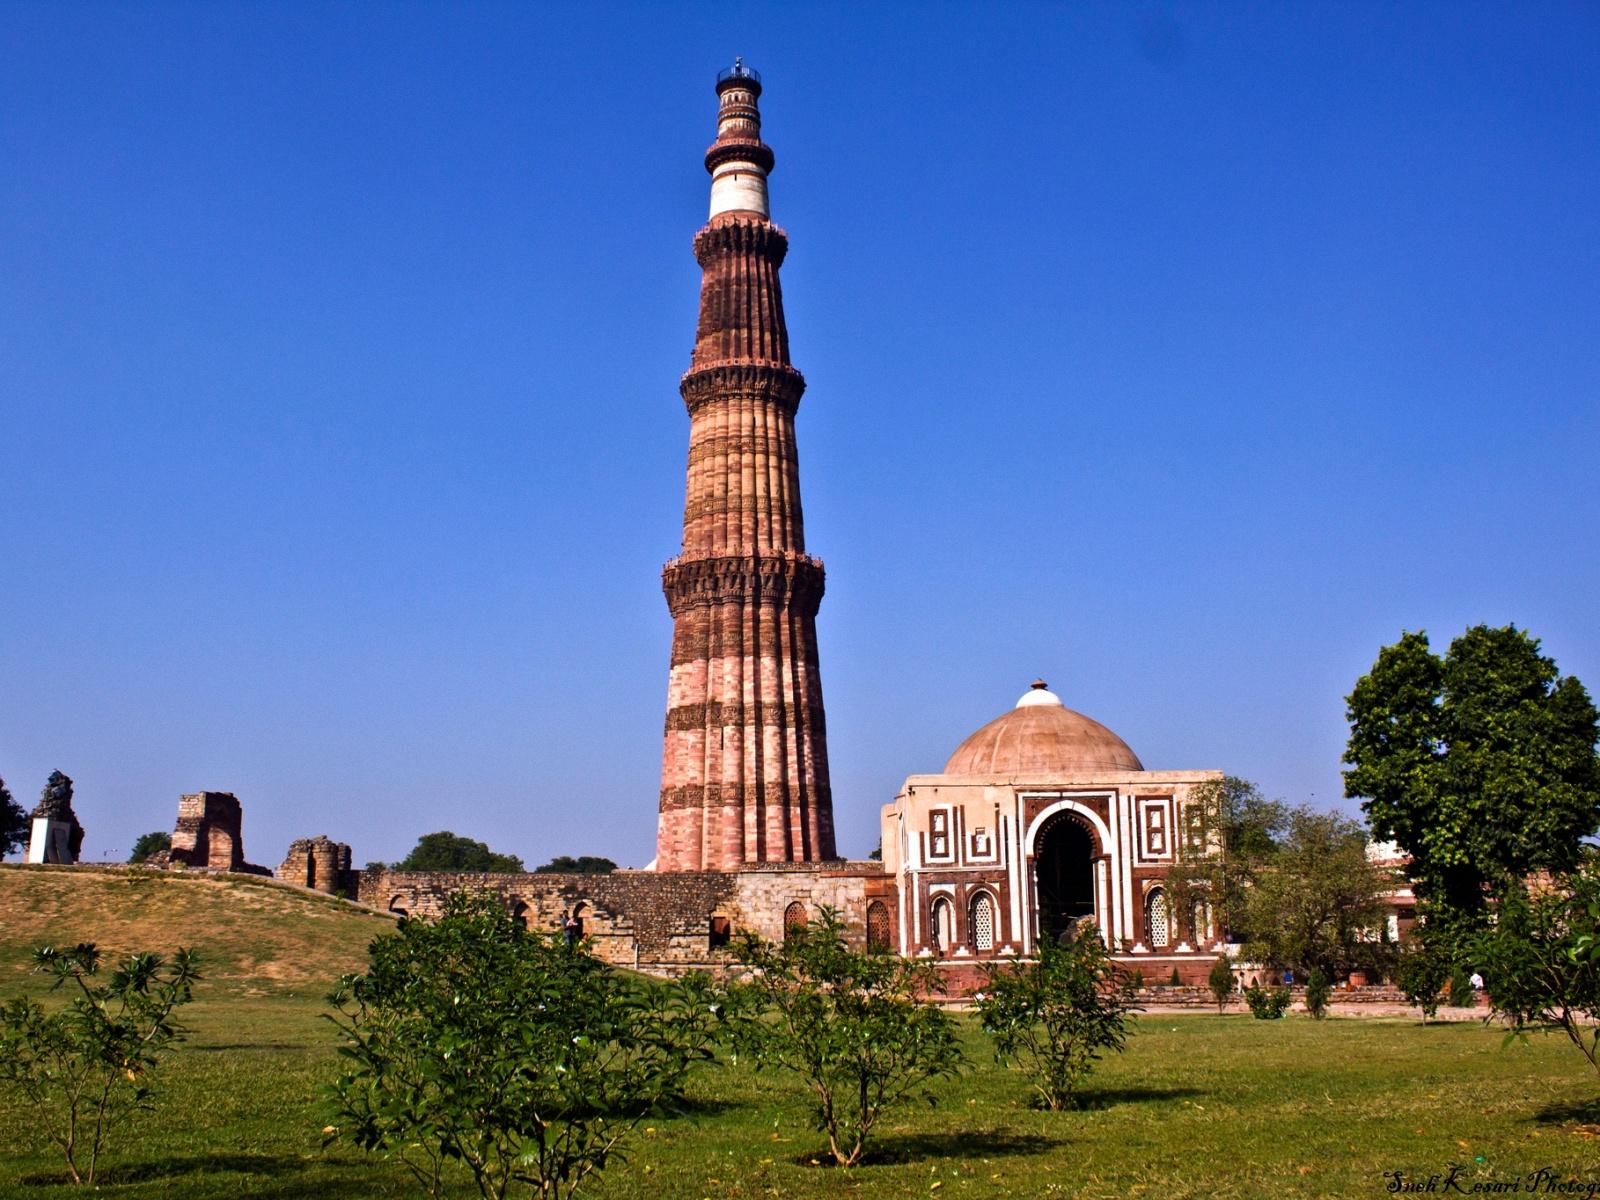 qutab-minar_103589-1600x1200